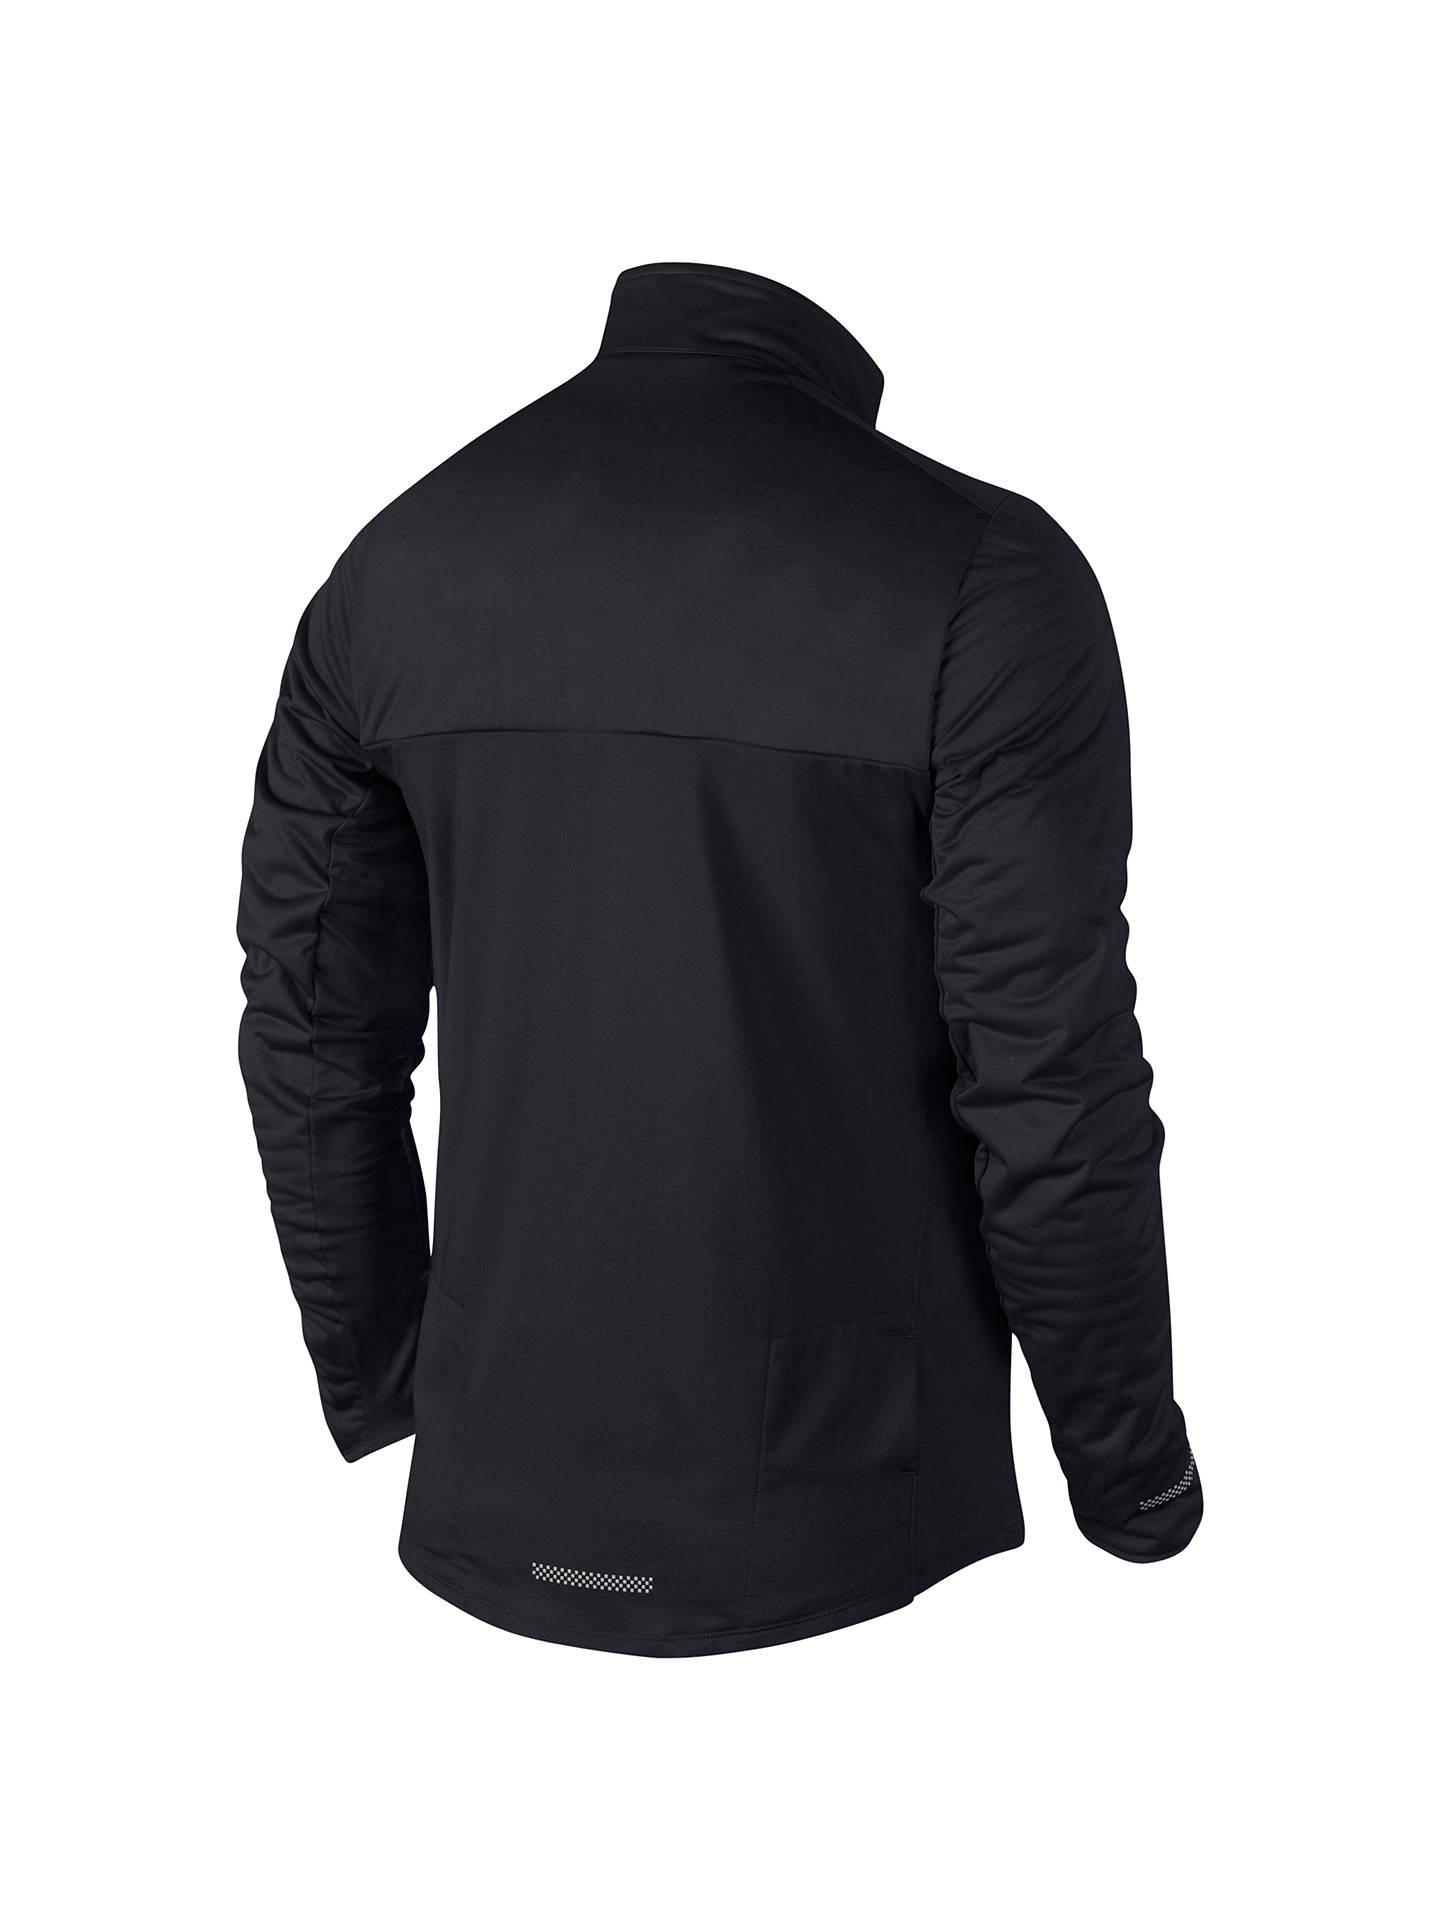 43c49c9a2 Nike Element Shield Full-Zip Running Jacket, Black at John Lewis ...